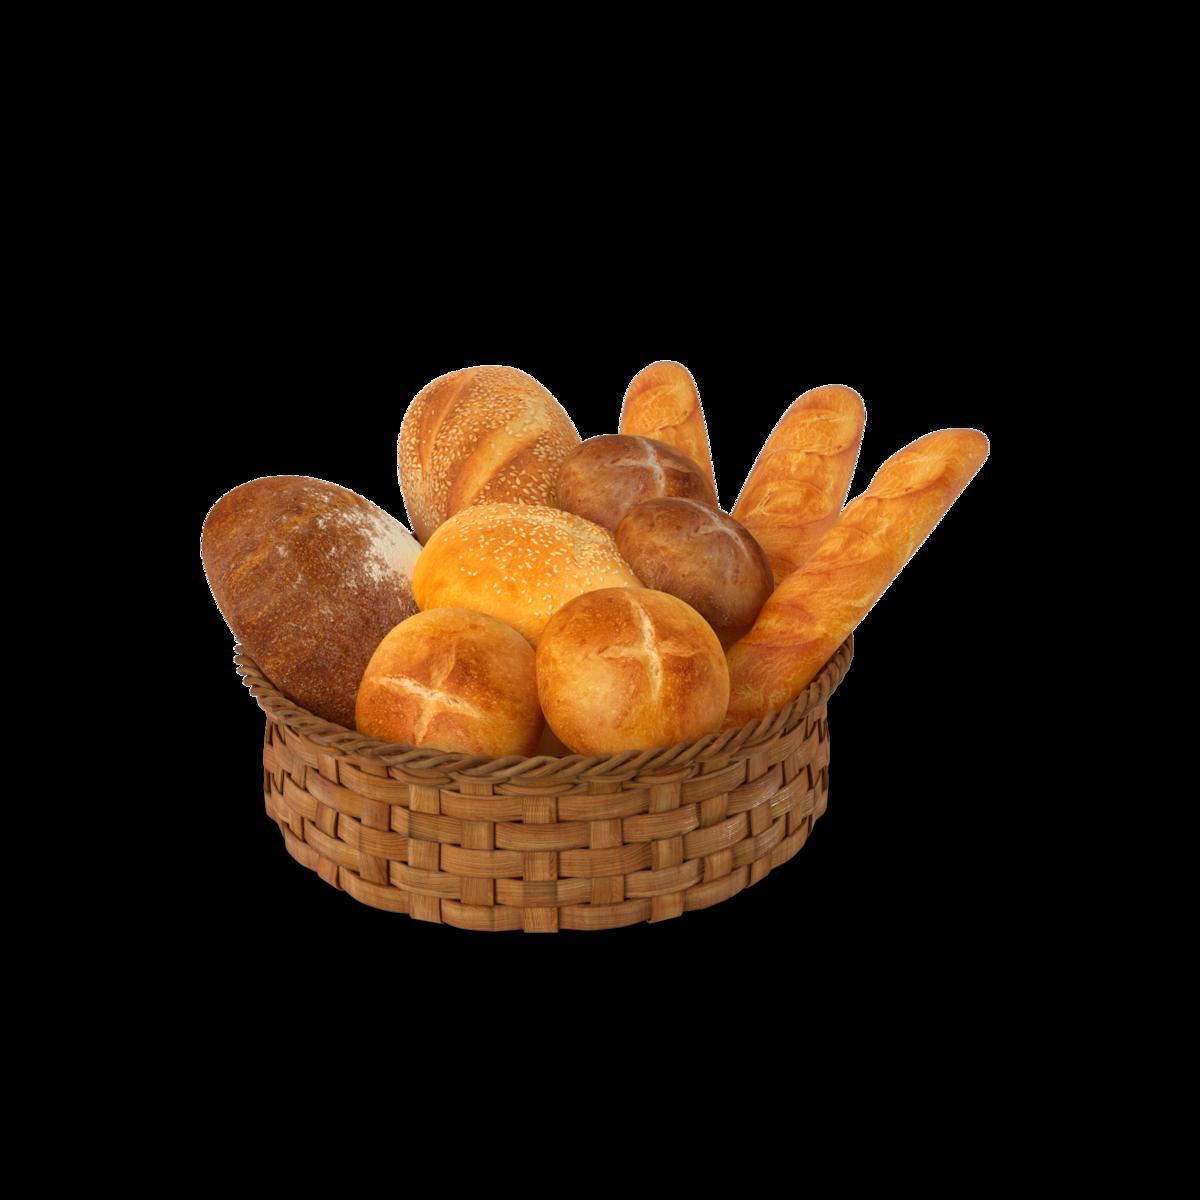 Bread_Basket.G01.2k.png